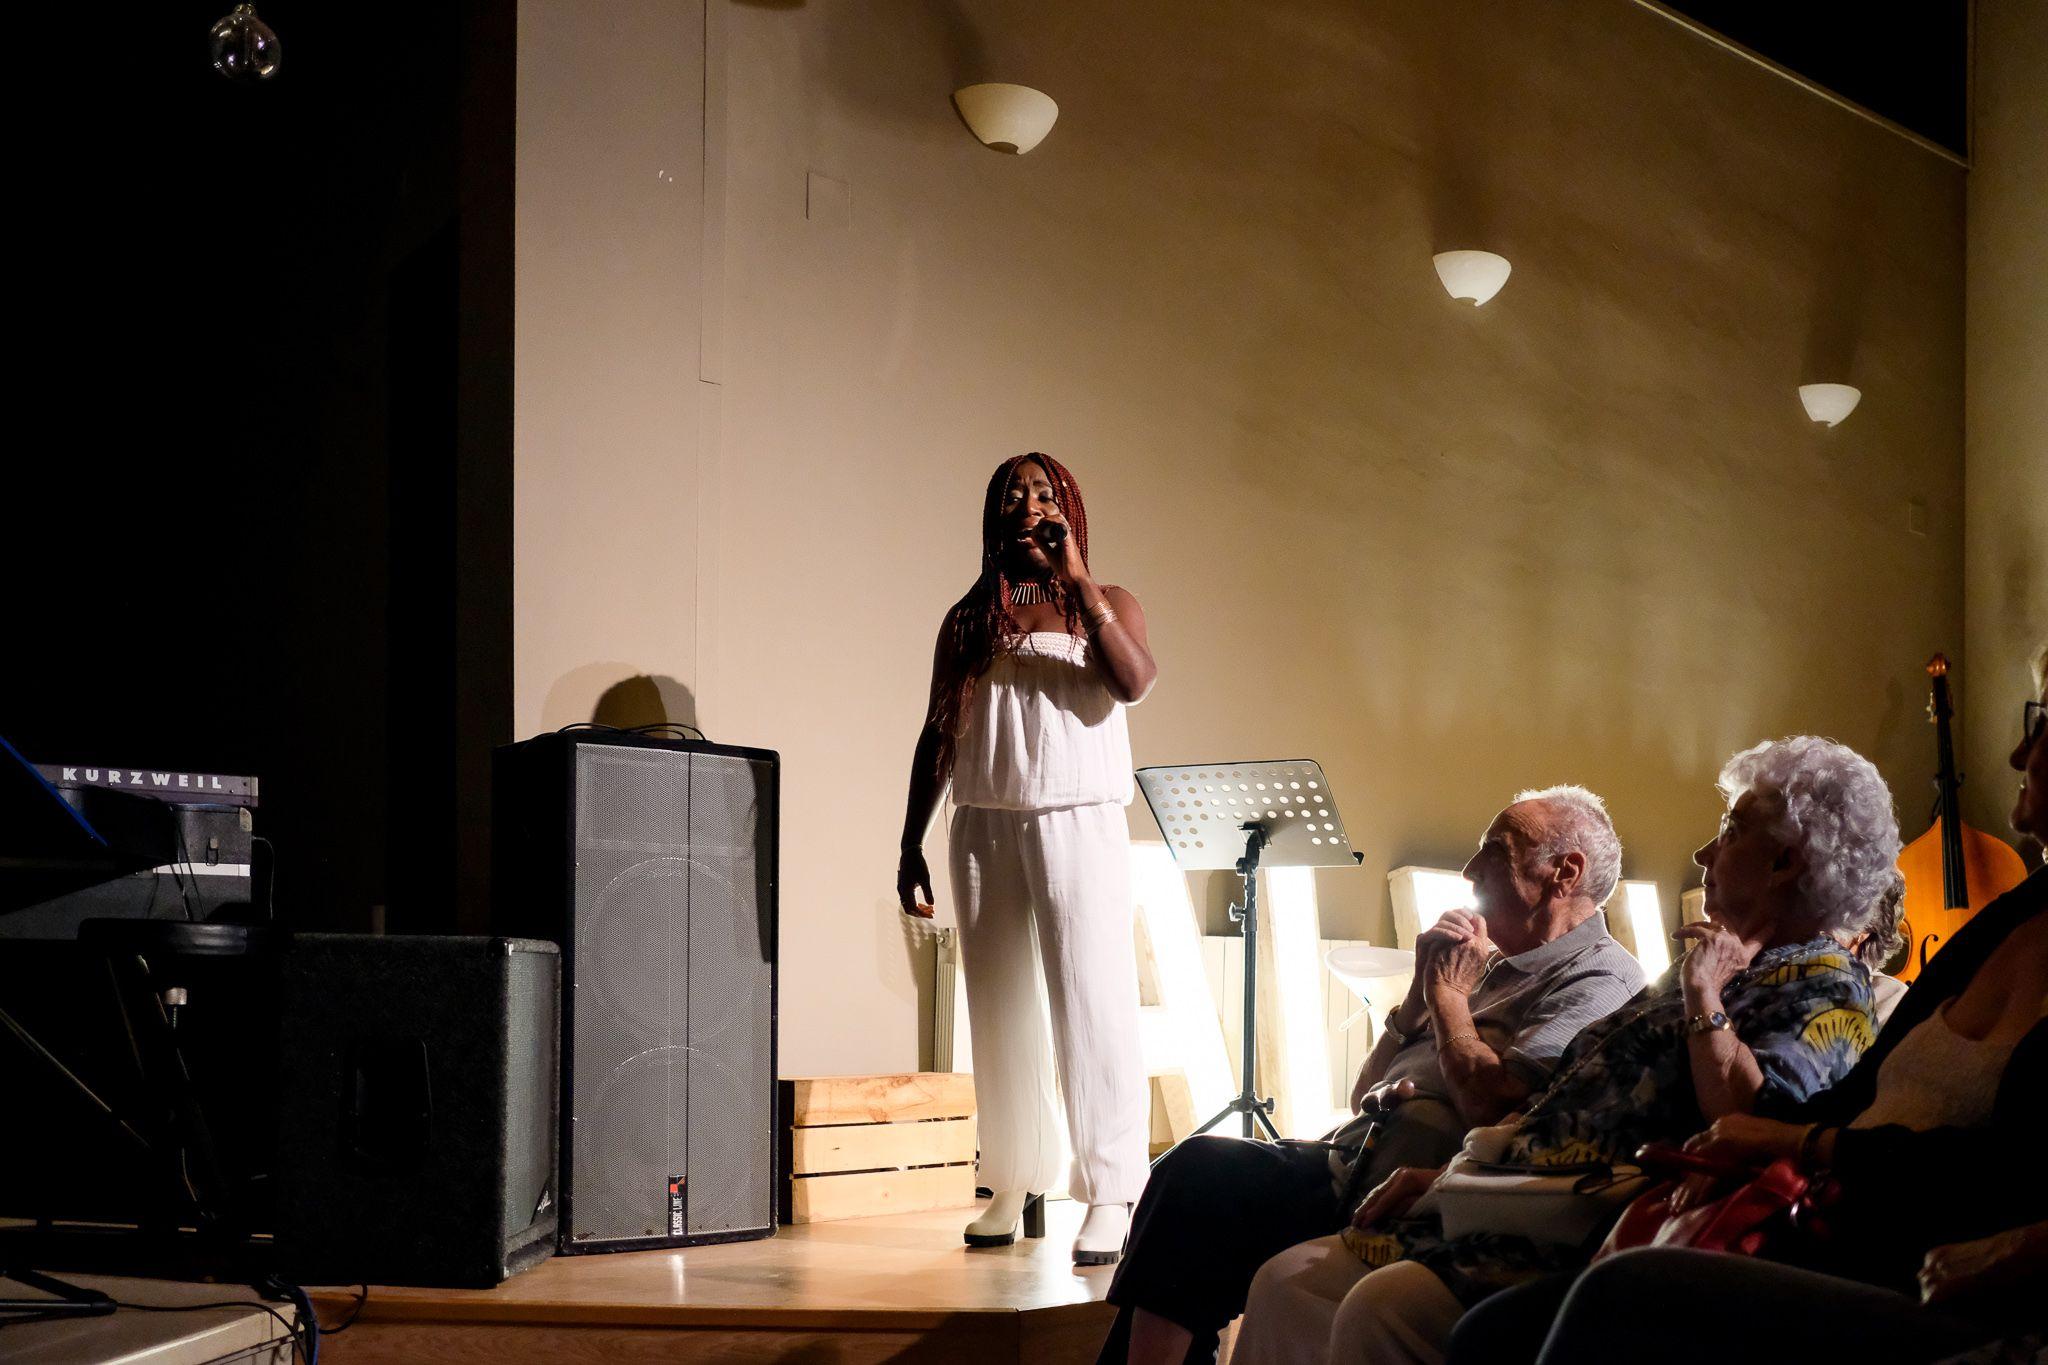 Actuació de Gòspel a l'església protestant. Foto: Ale Gómez